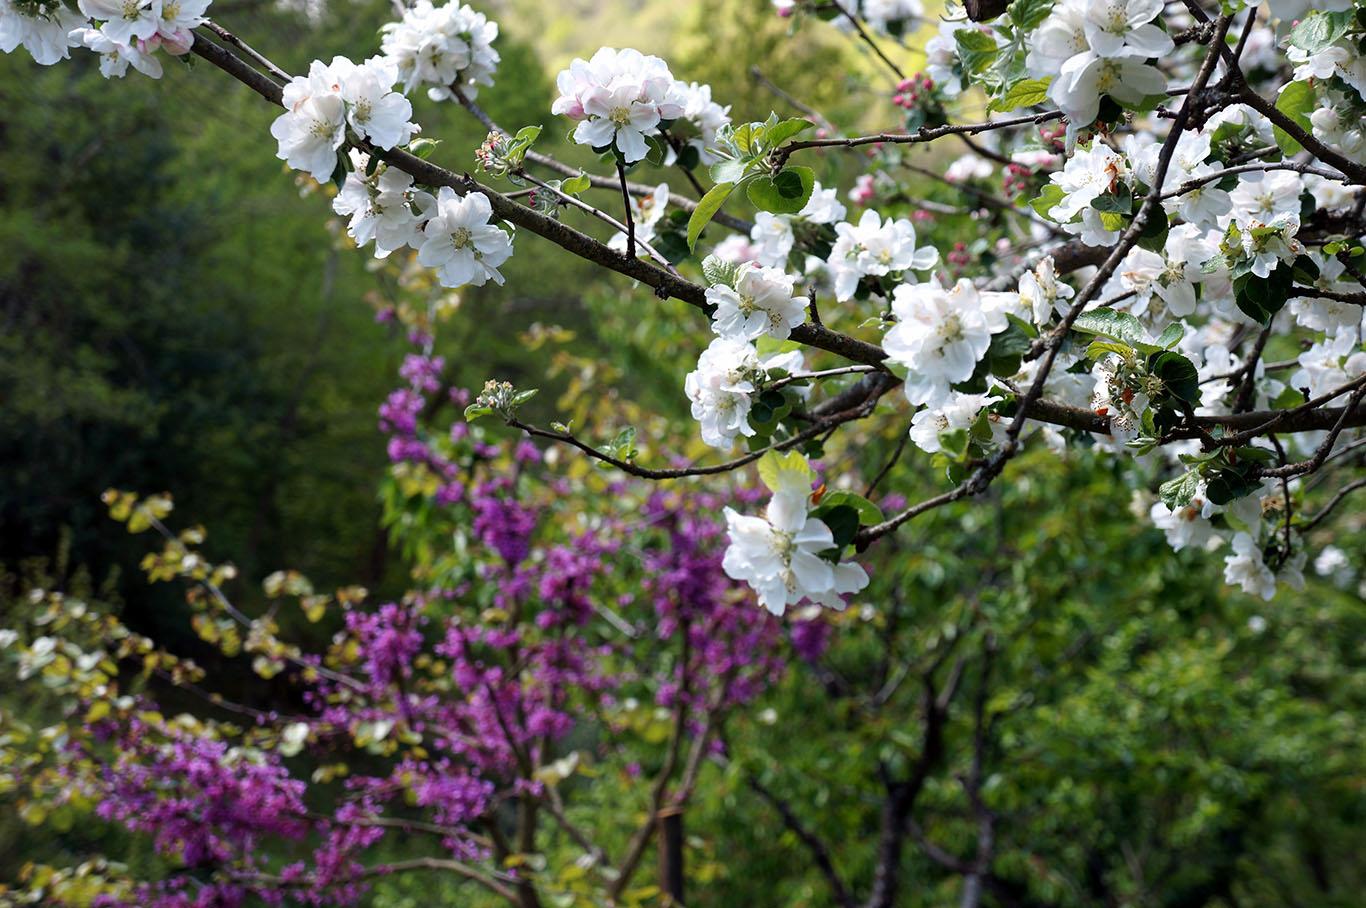 El jard n de la barrosa lluvia de p talos blancos la floraci n de los rboles frutales - Membrillo arbol ...